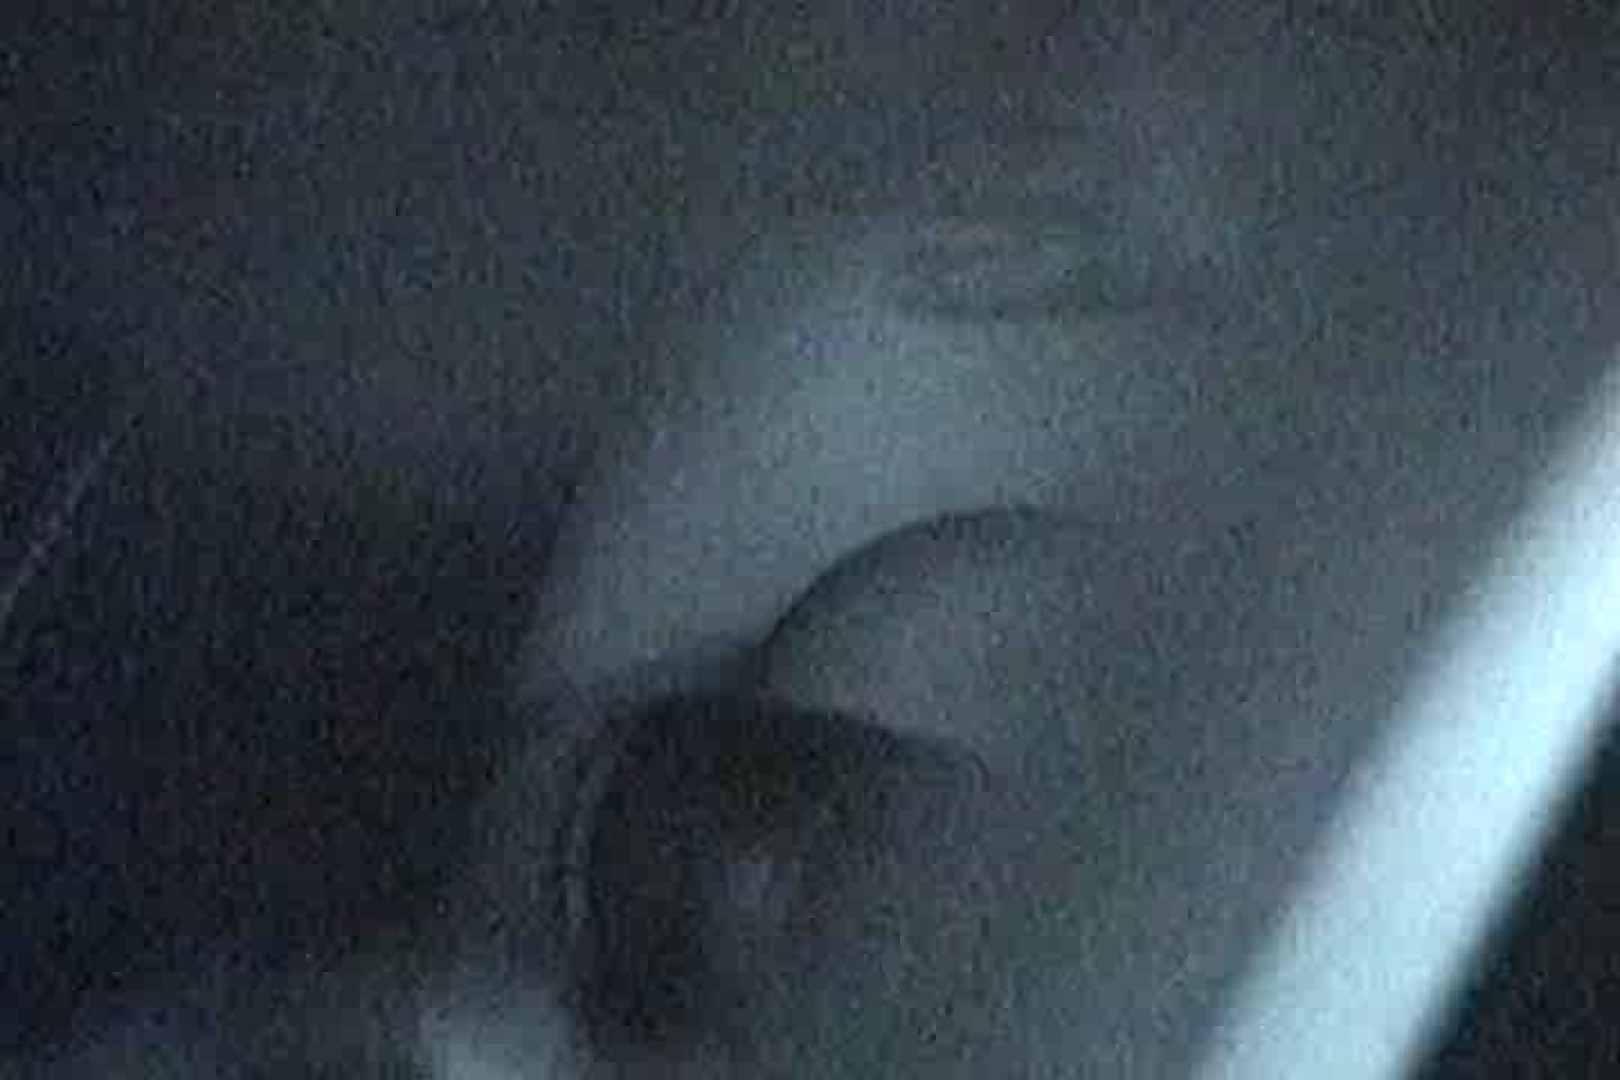 充血監督の深夜の運動会Vol.8 乳首  50連発 6